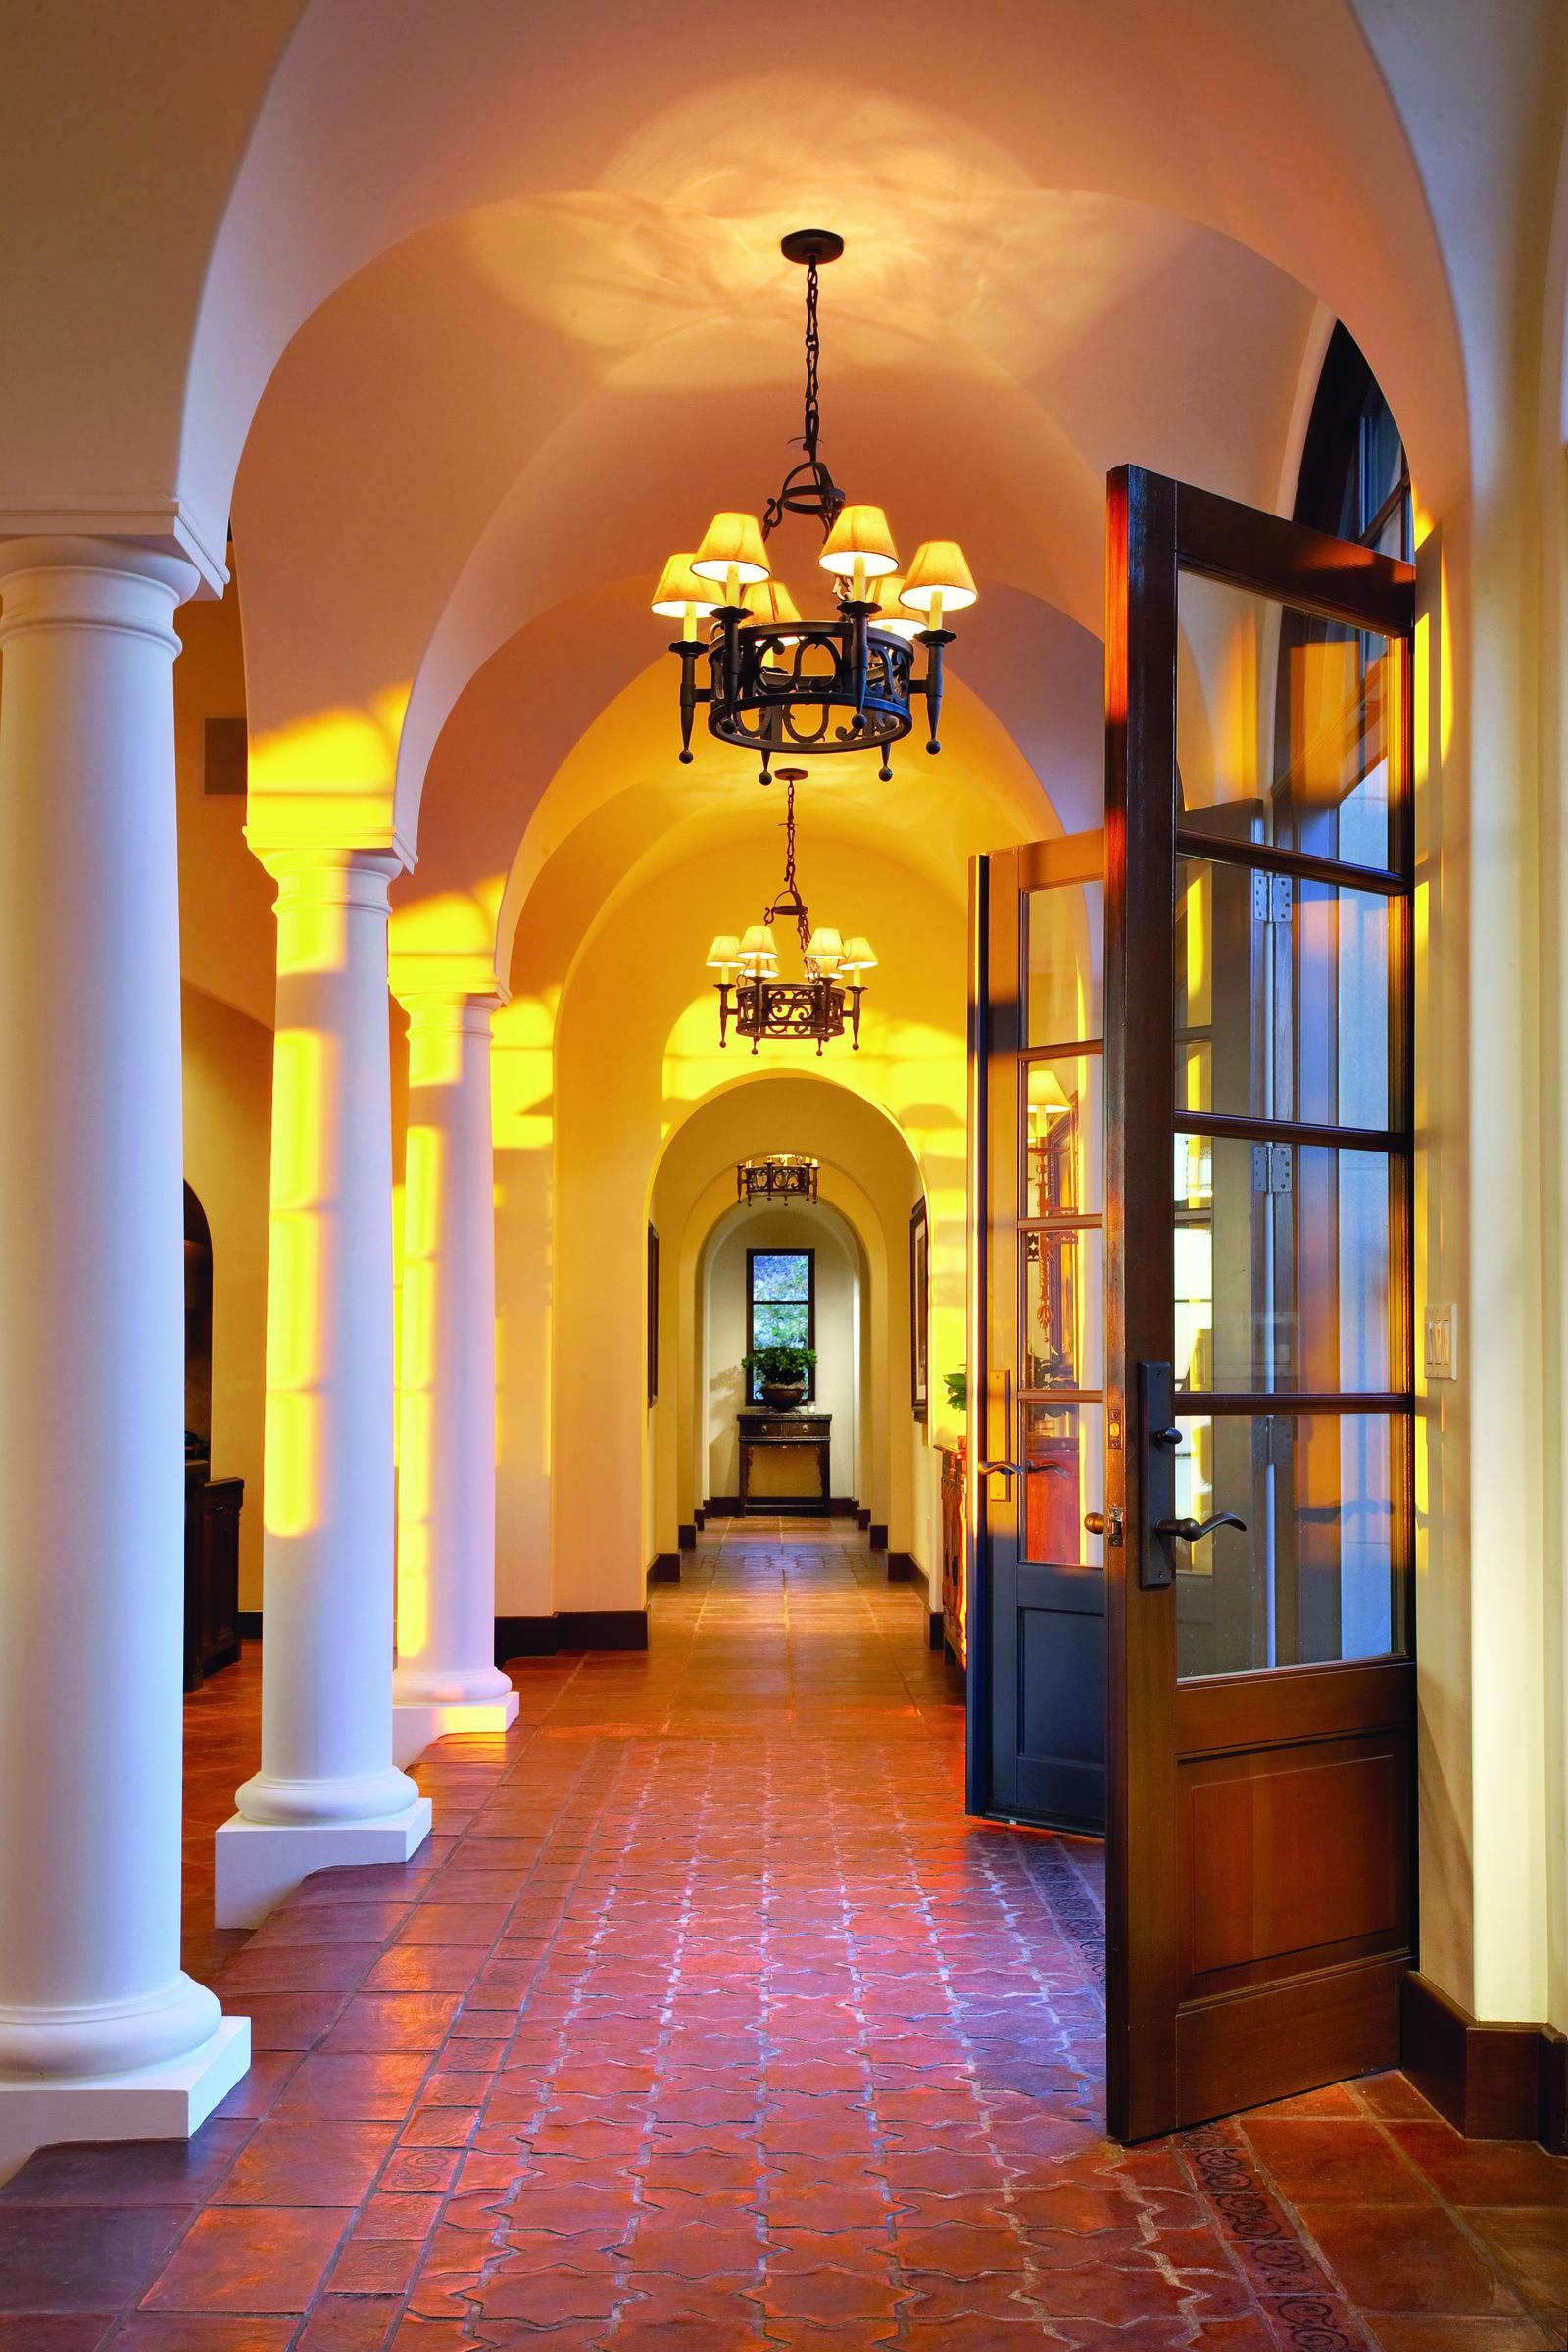 Robert Hidey, French doors entryway